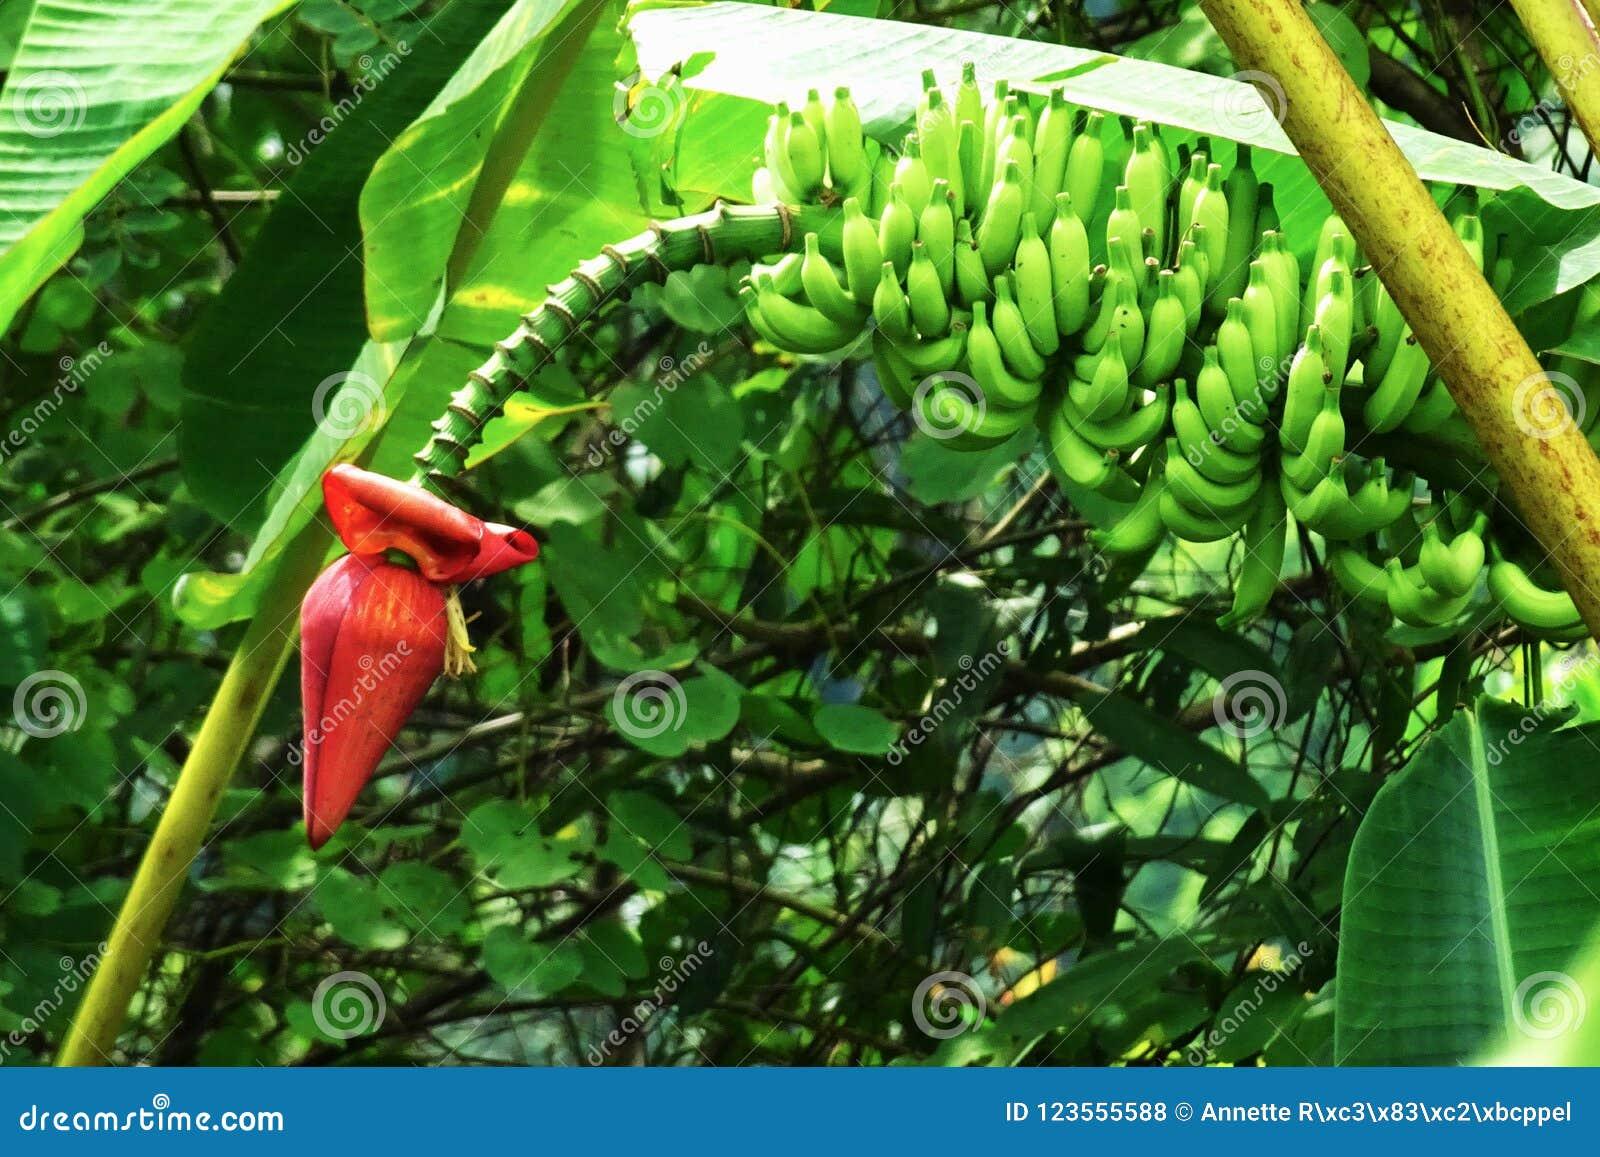 photo d'un bananier vert avec une fleur rouge dans un jardin dans